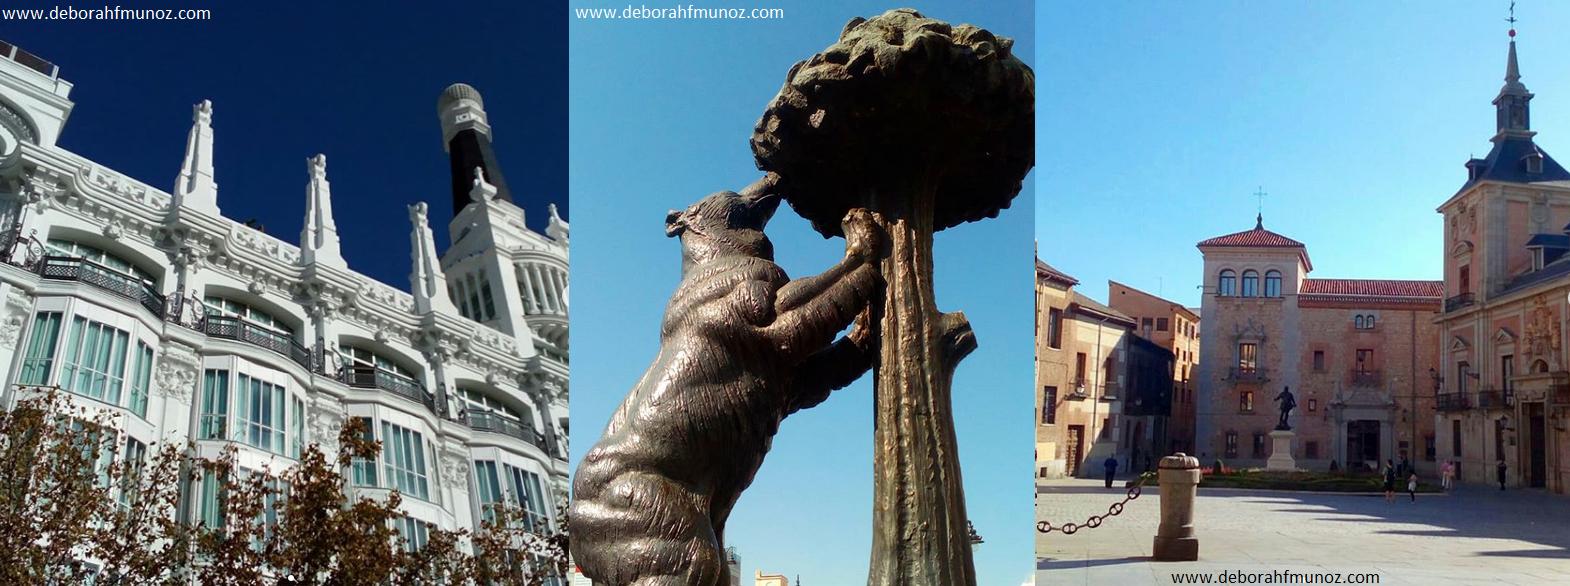 Rutas por Madrid (2): Barrio de las Letras y centro